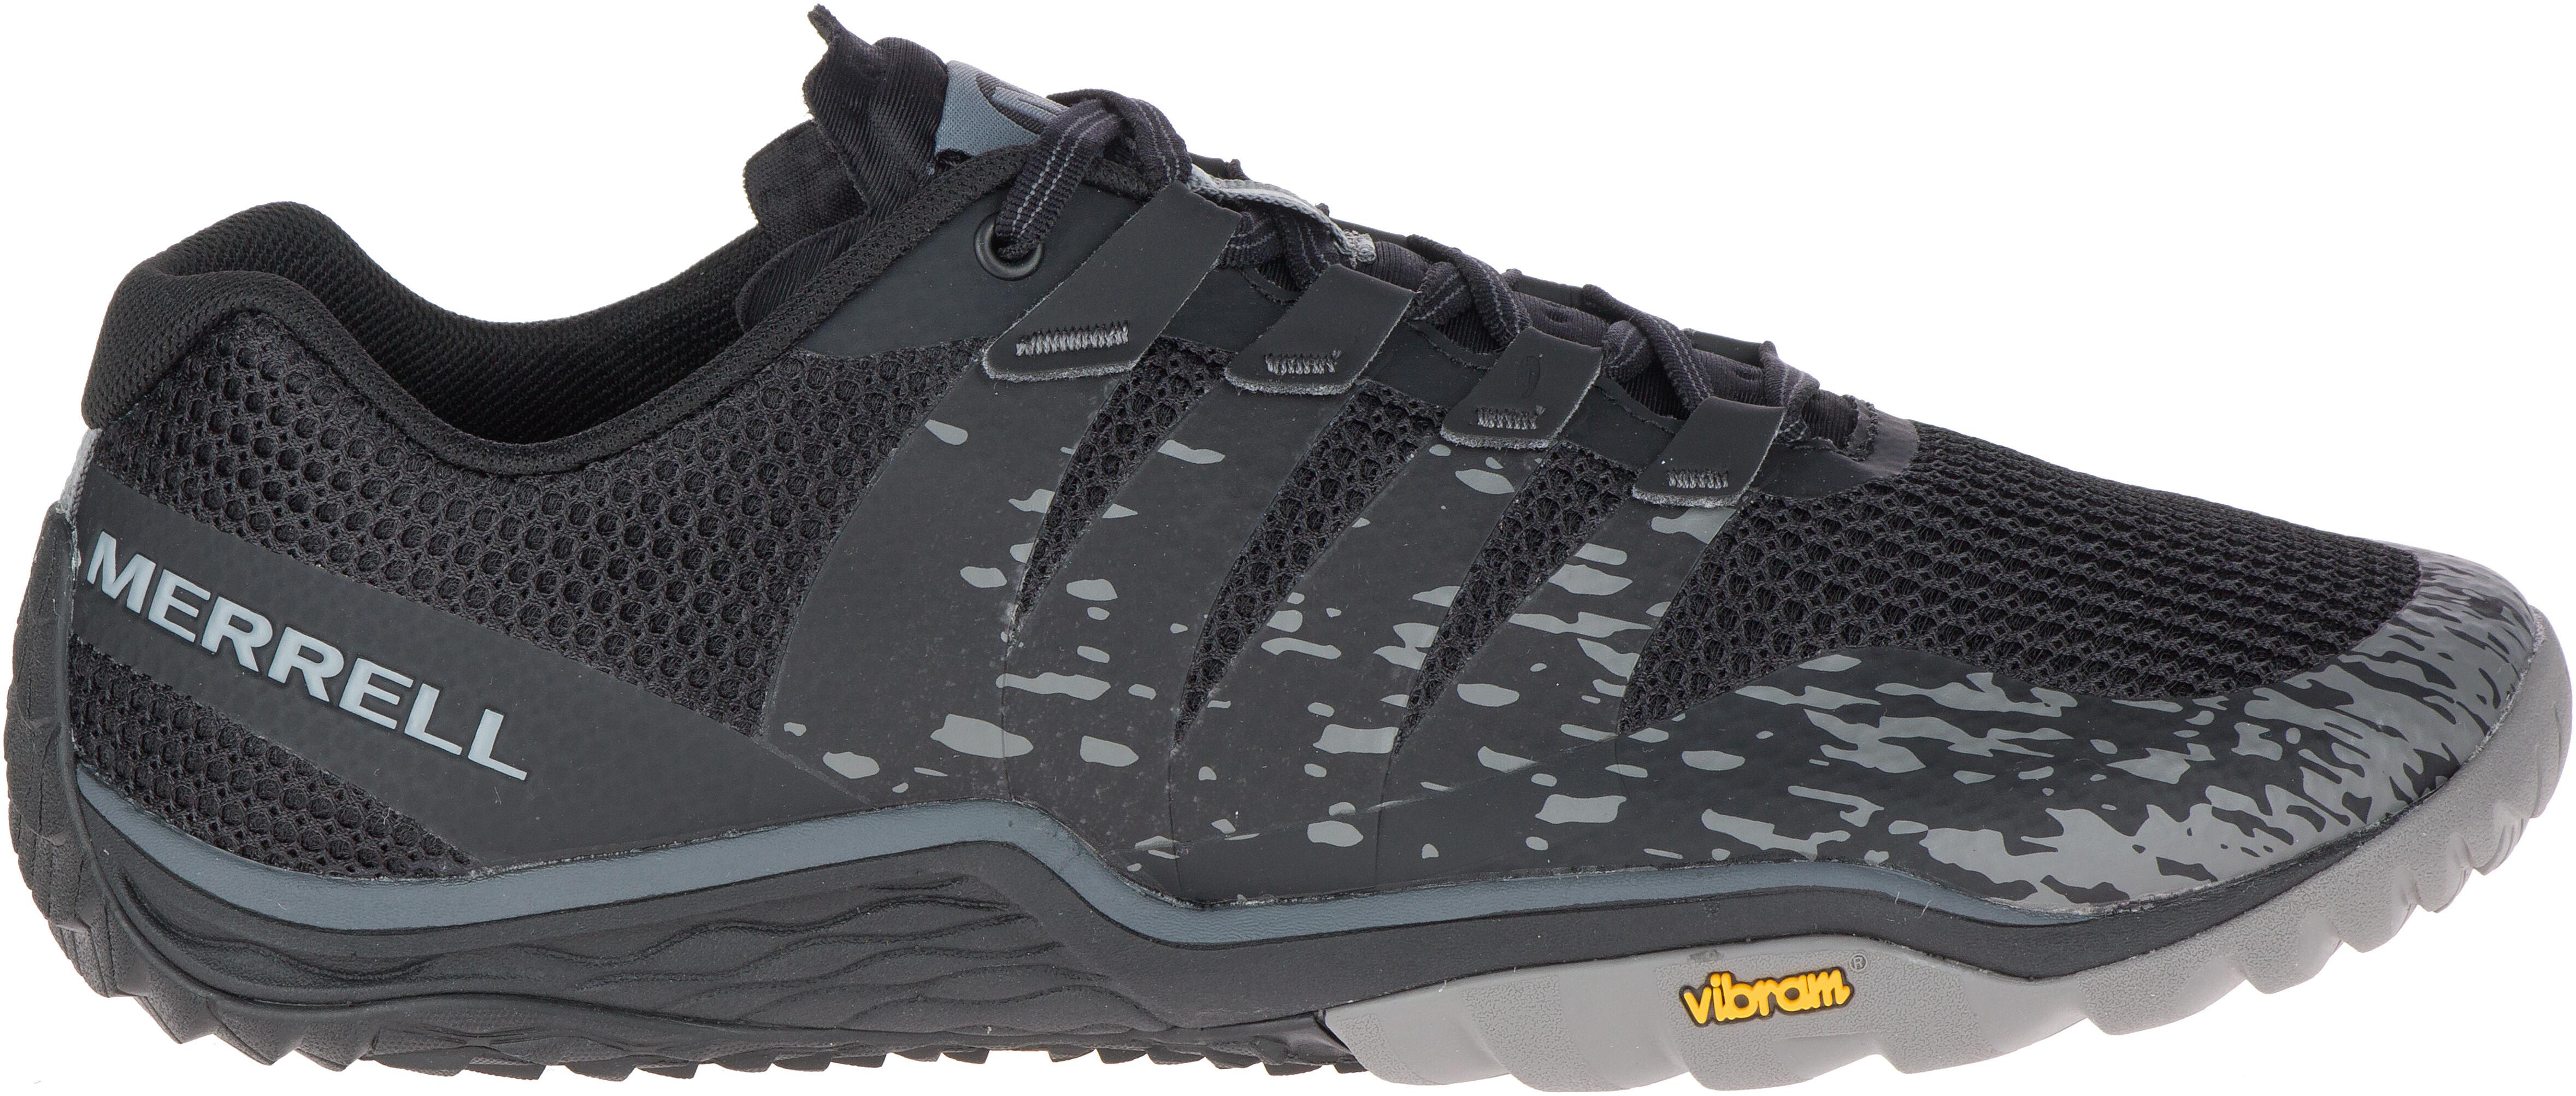 3e4a397244a Merrell Trail Glove 5 Schoenen Heren grijs/zwart l Online outdoor ...